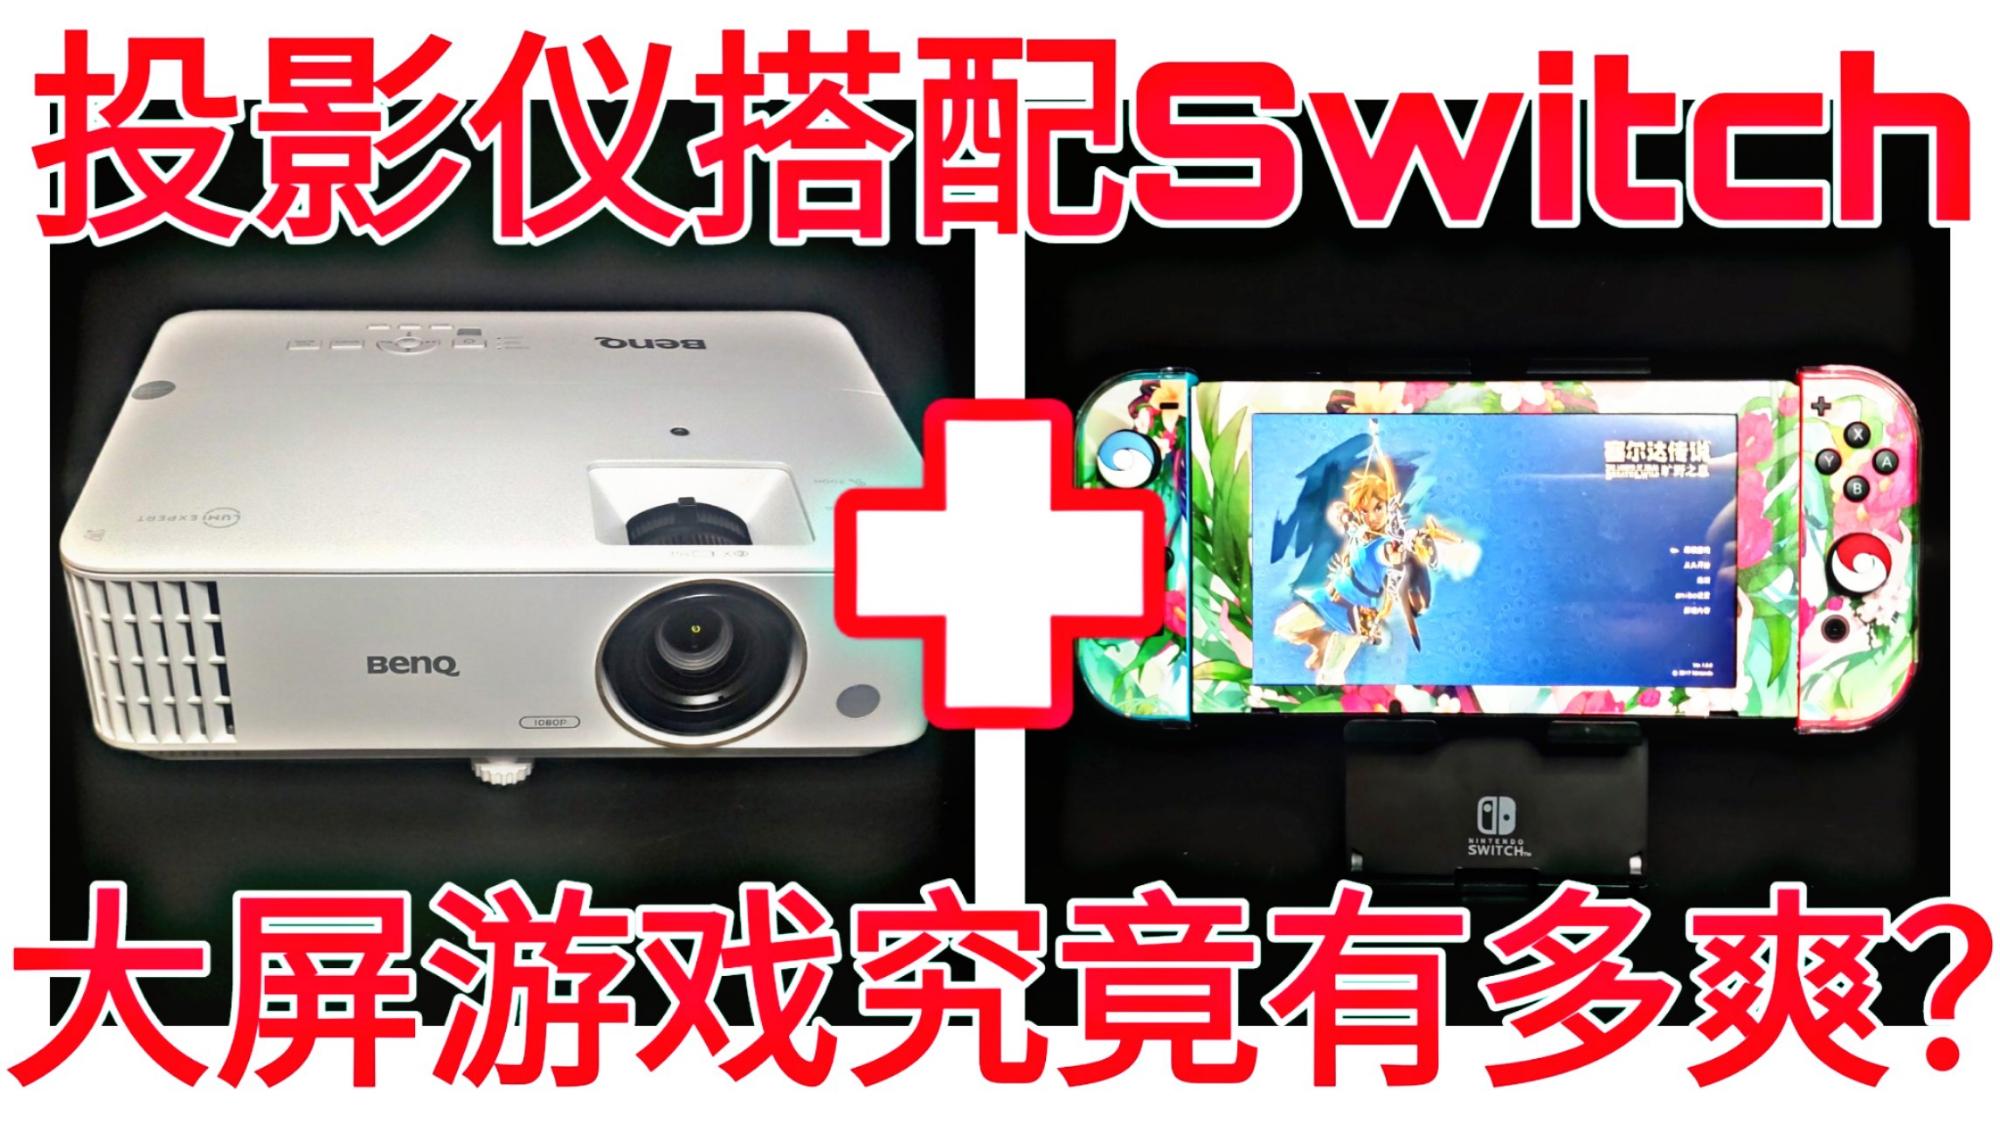 投影仪搭配switch游戏主机,100寸大屏游戏究竟有多爽?